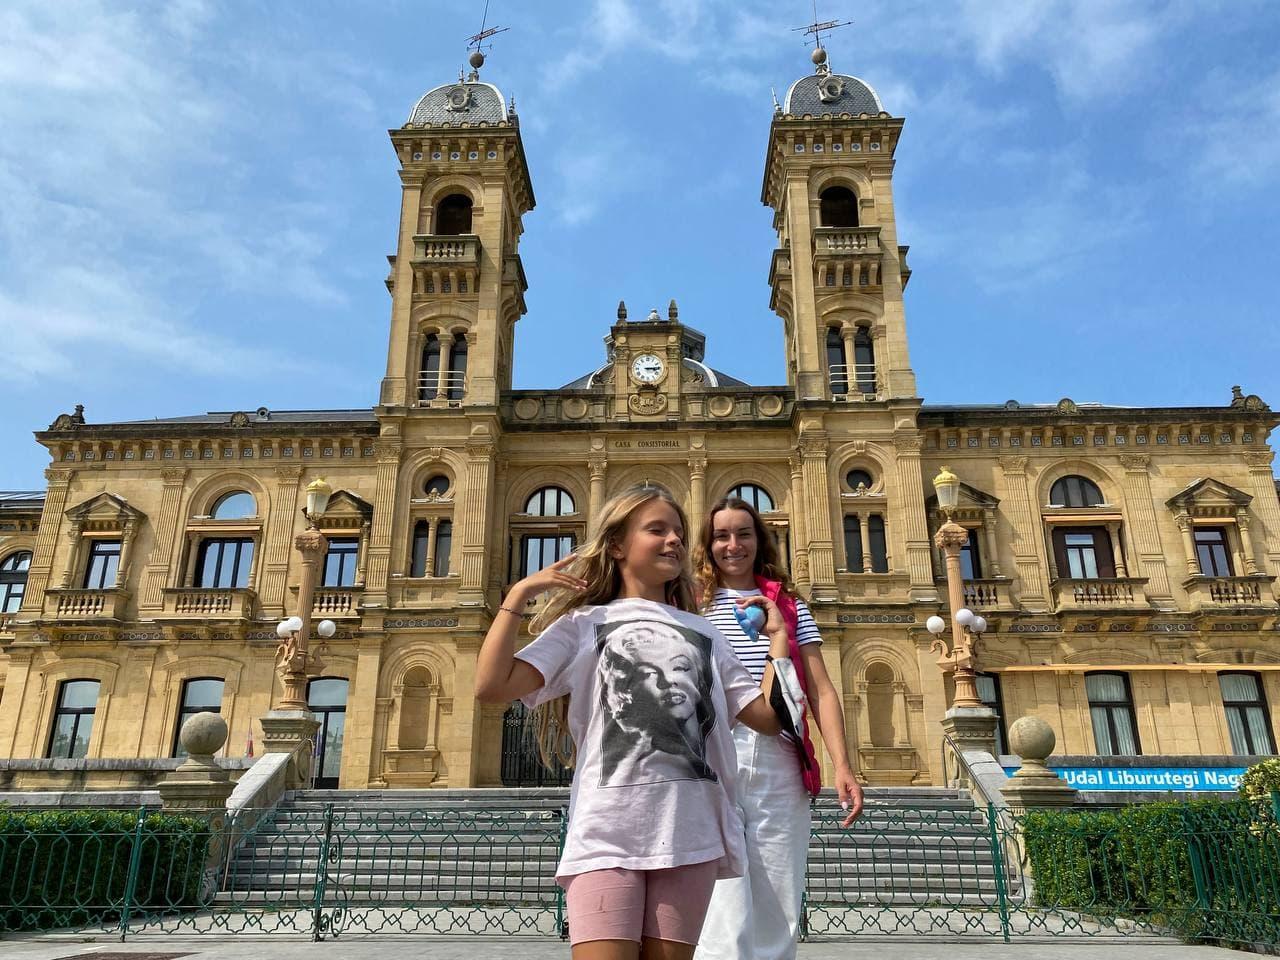 Советы ТВ-звезды для яркого отдыха в Испании: 15 км по горной реке и замок, где жила Дейенерис